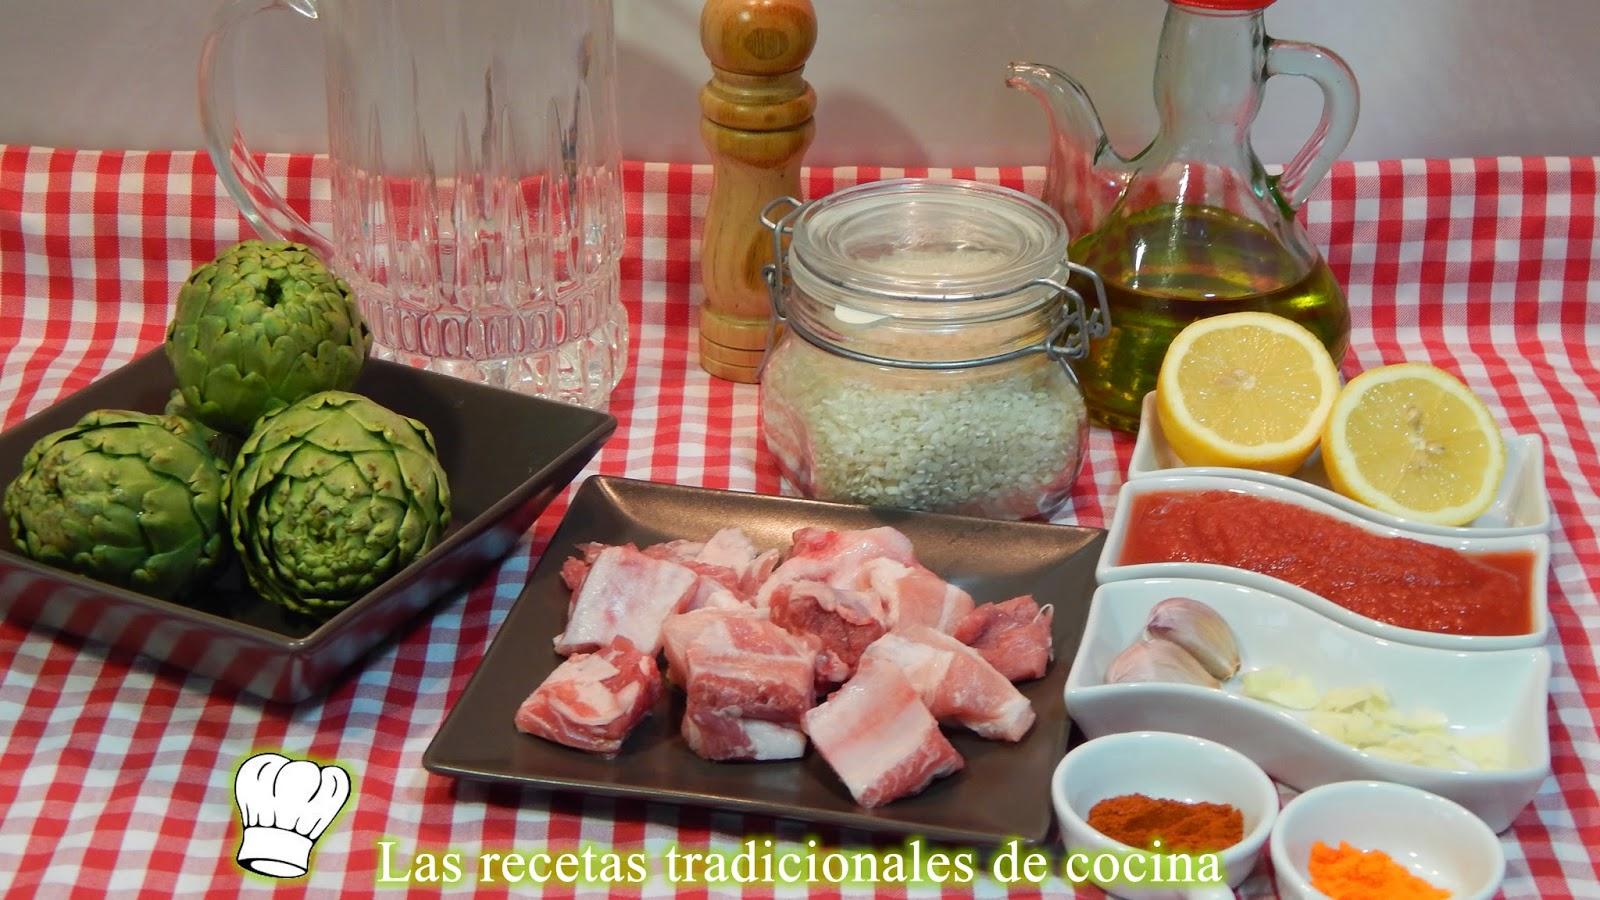 Receta de arroz caldoso con alcachofas y costilla de cerdo